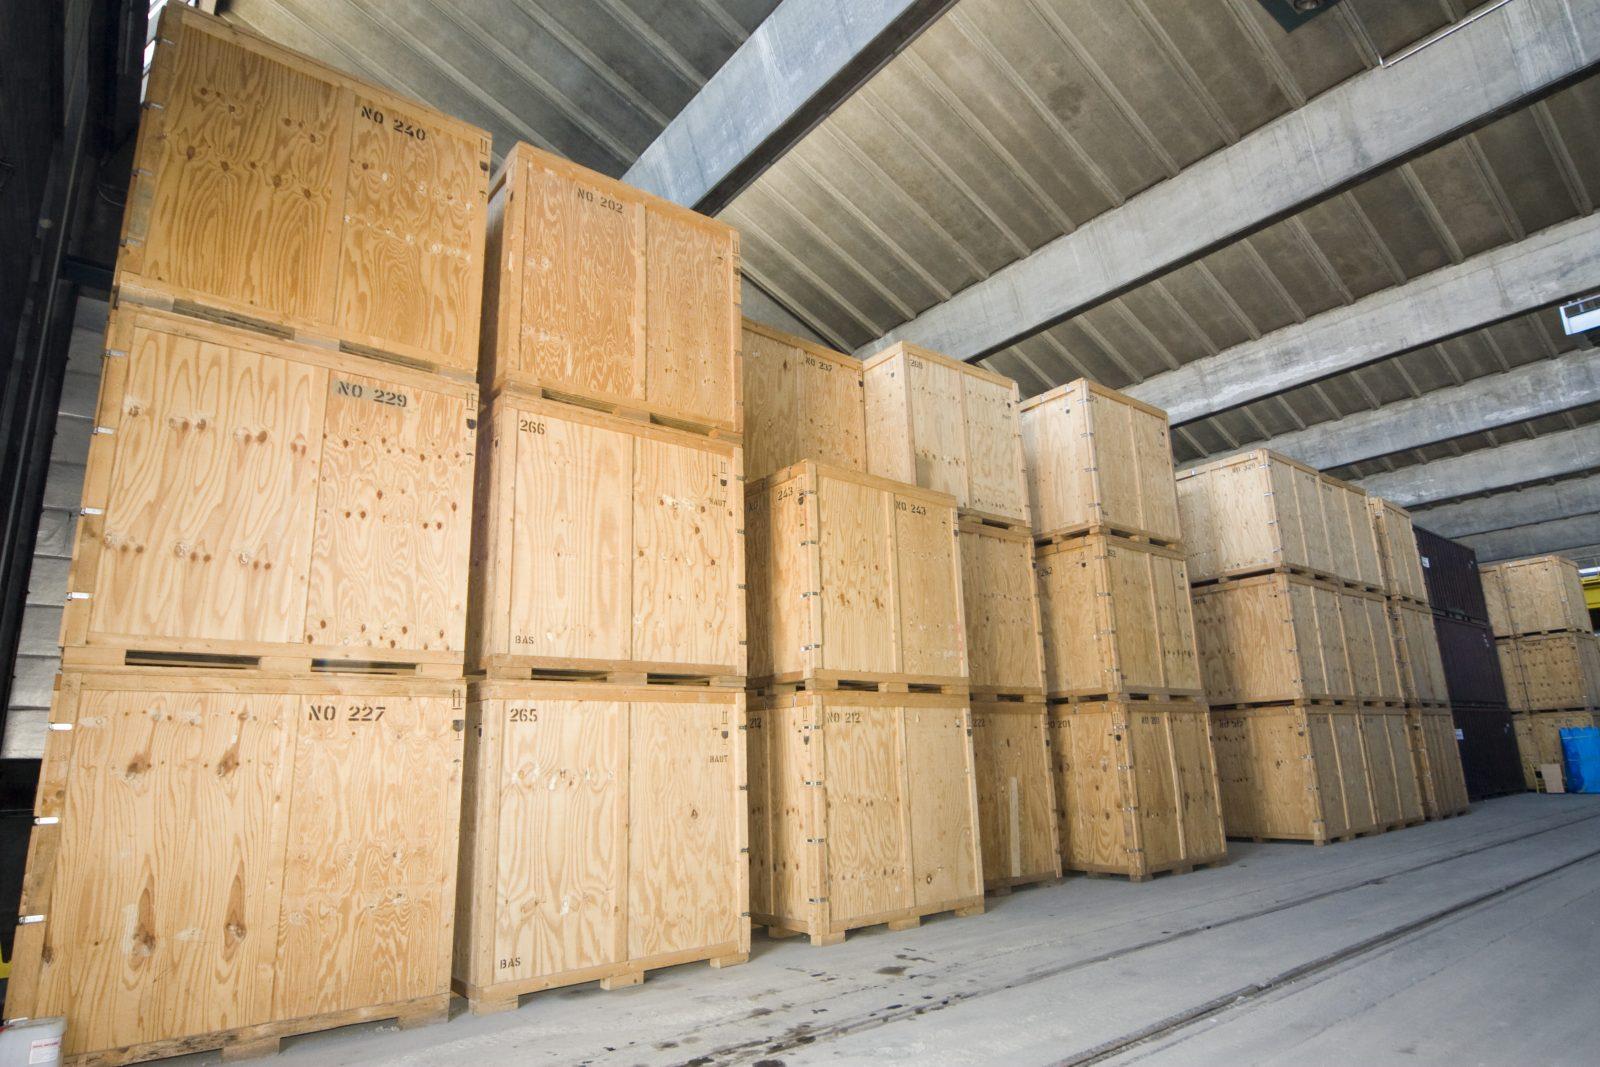 Soci t suisse de d m nagement stockage et garde meubles for Demenagement garde meuble